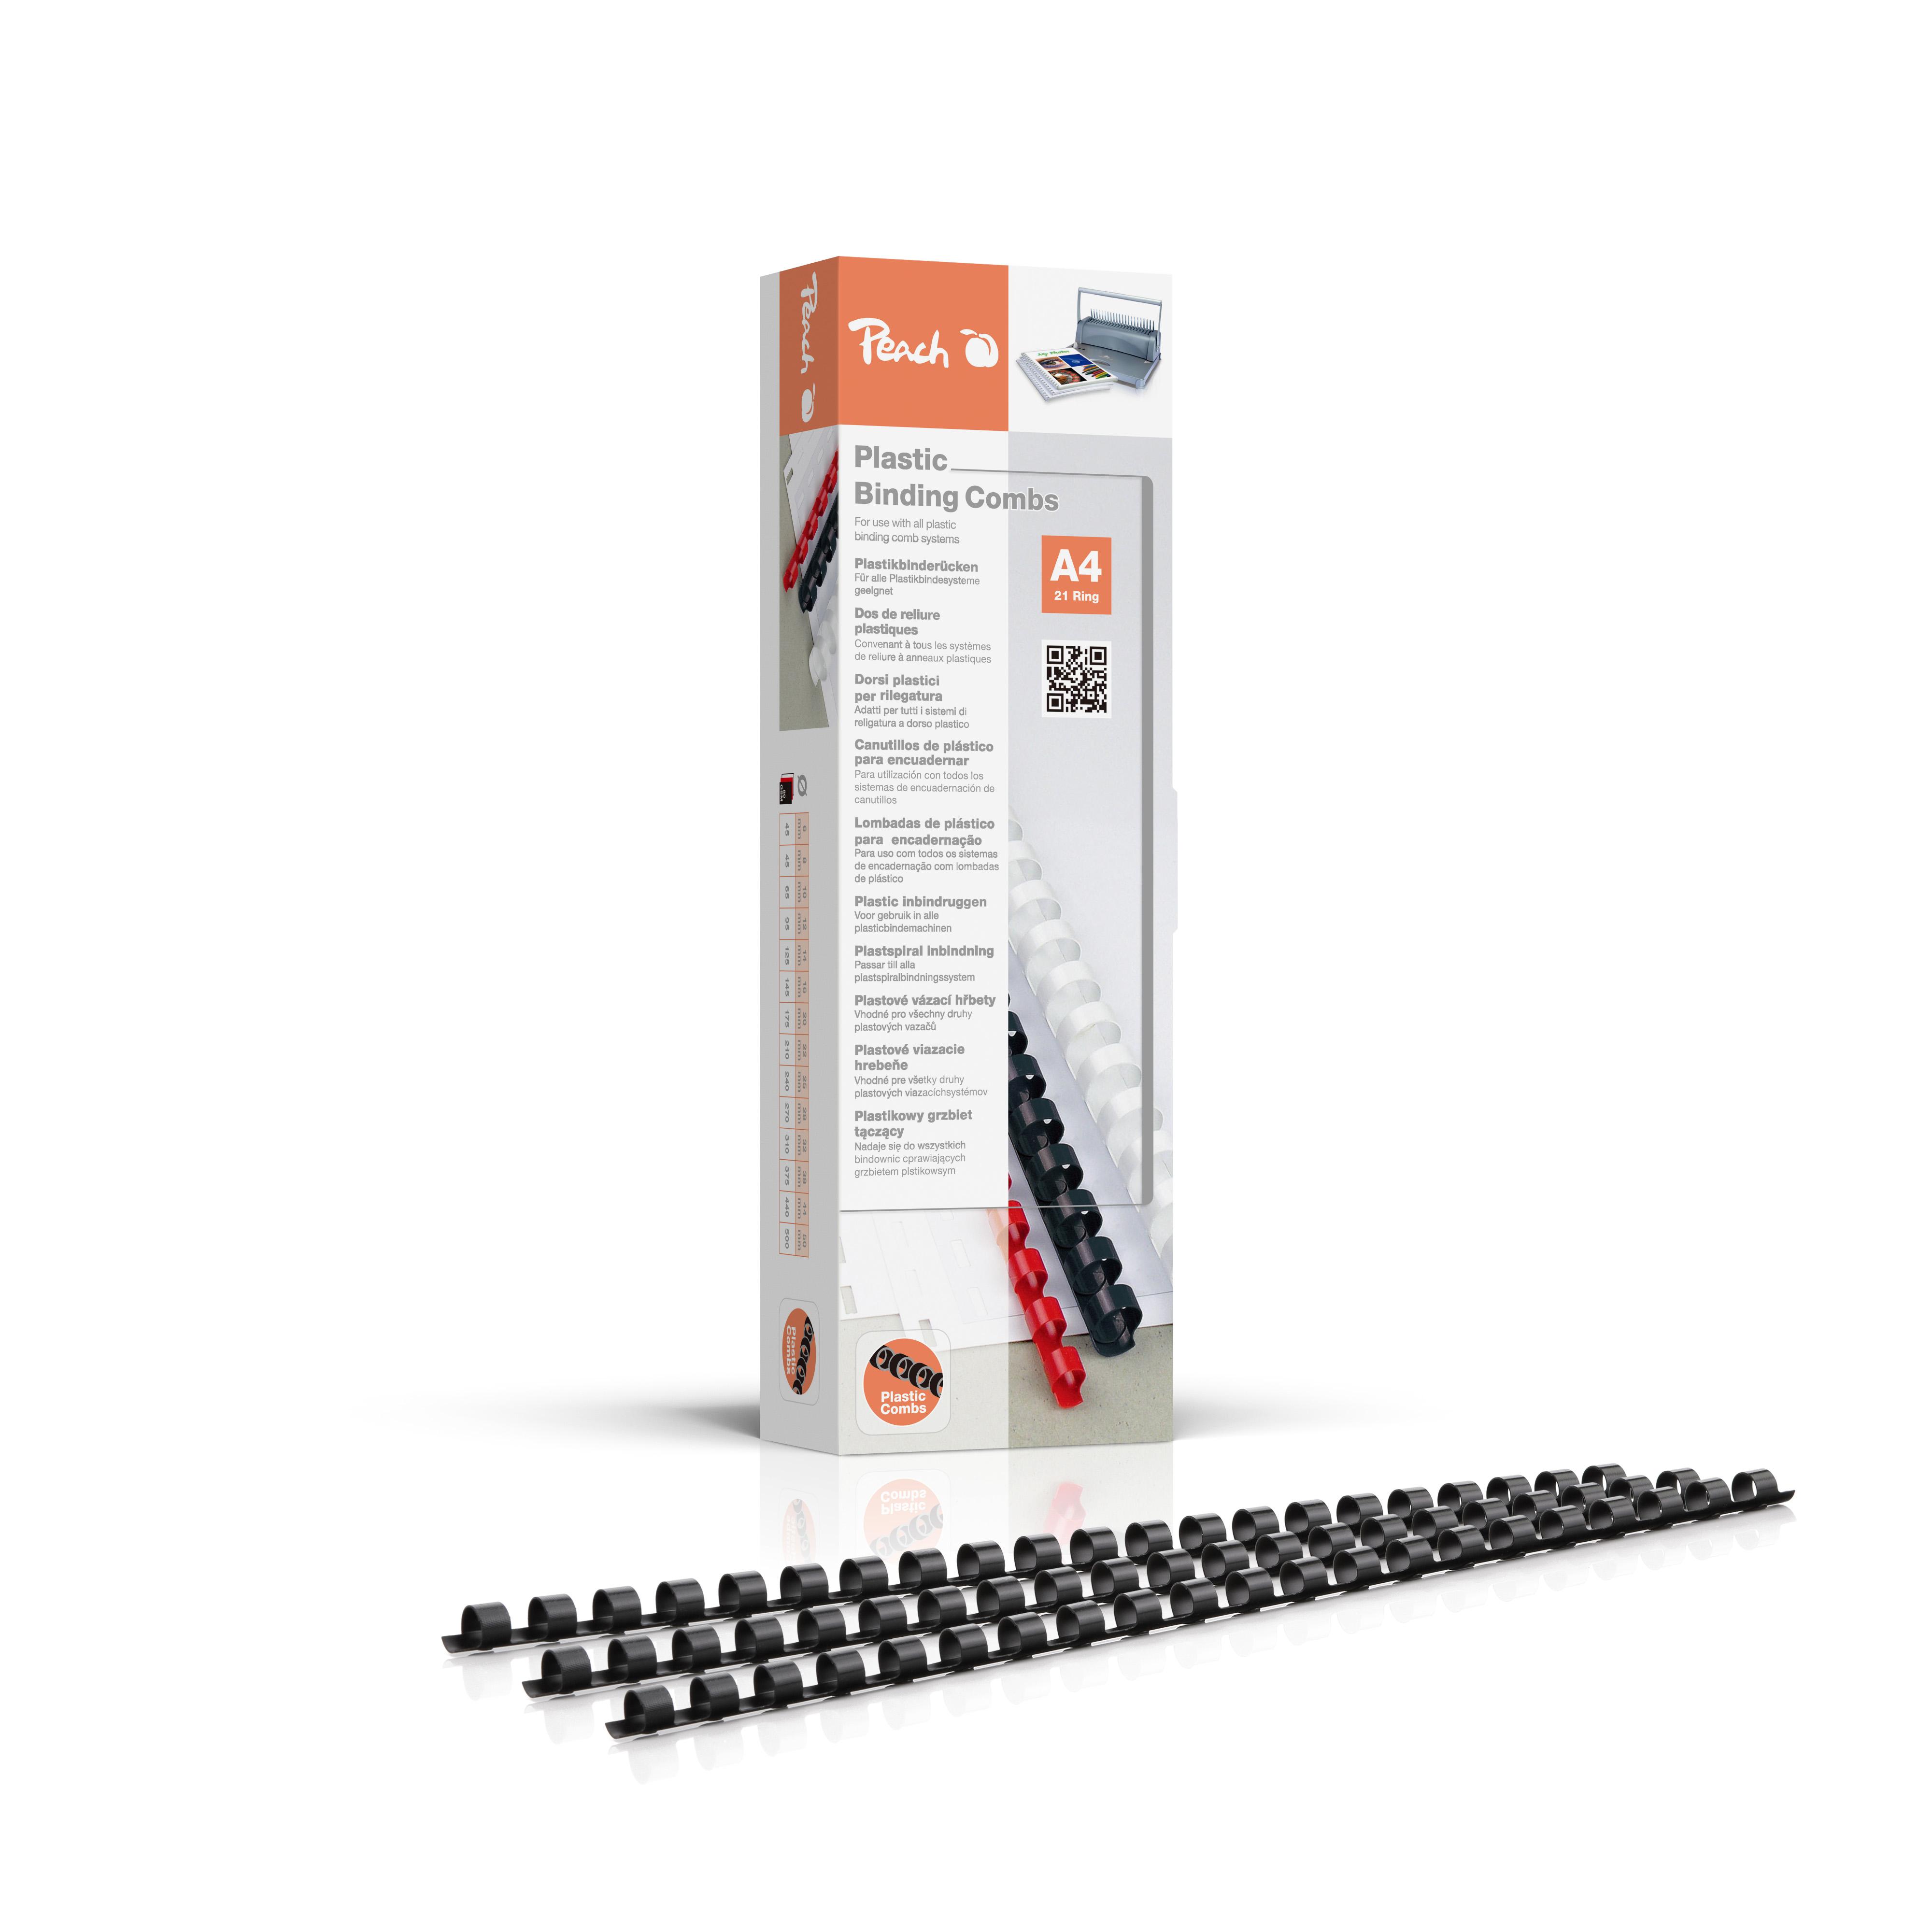 PB408-02 Peach Binderücken 8mm für 45 Blatt A4 schwarz 100 Stück